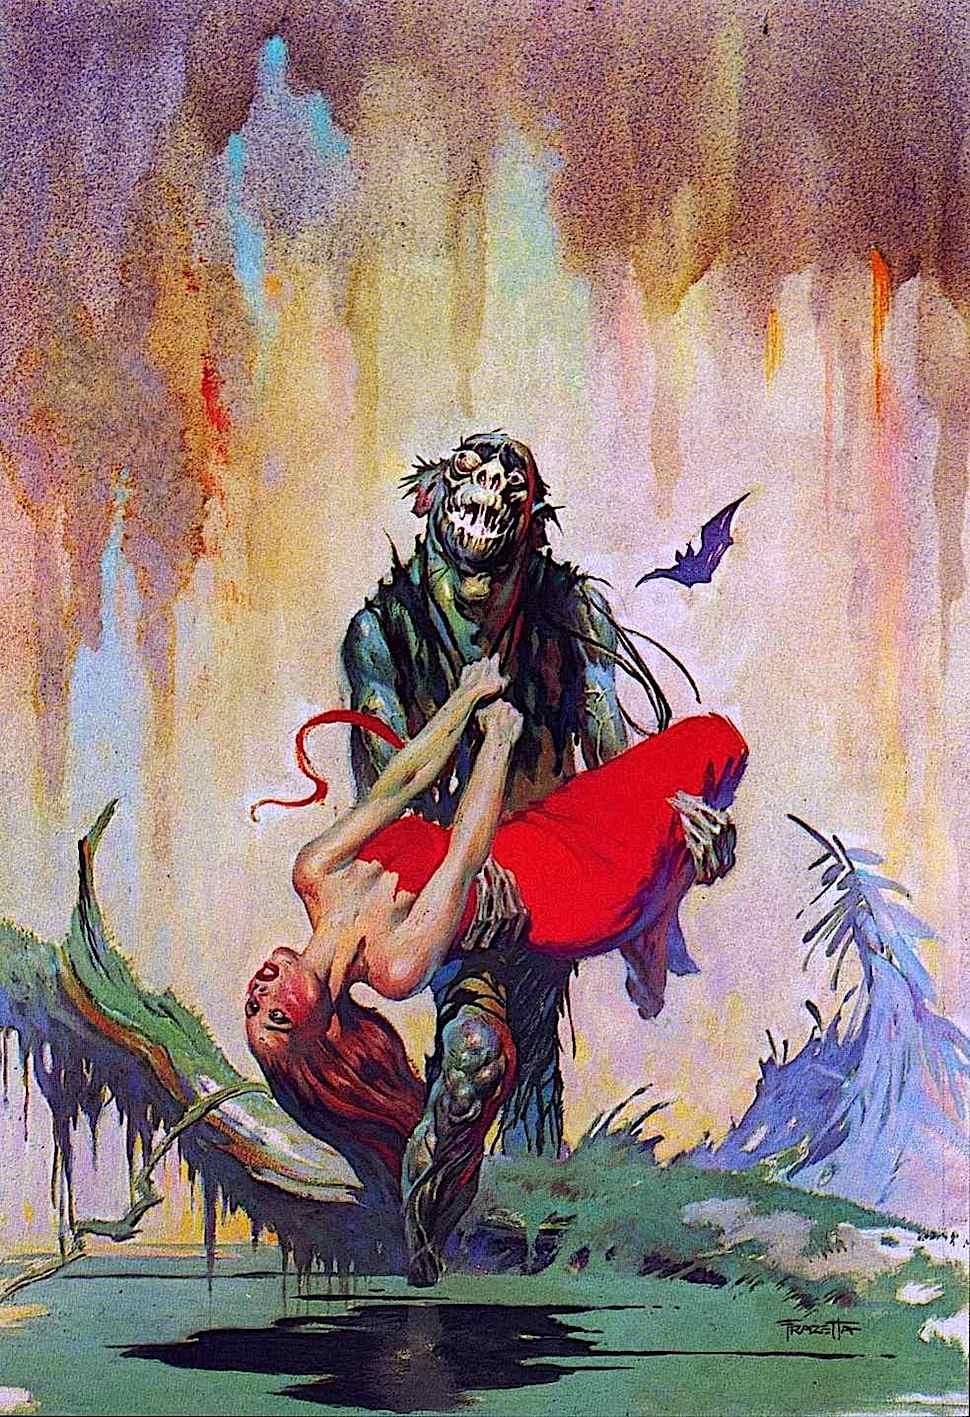 a Frank Frazetta book cover illustration for Monster Men